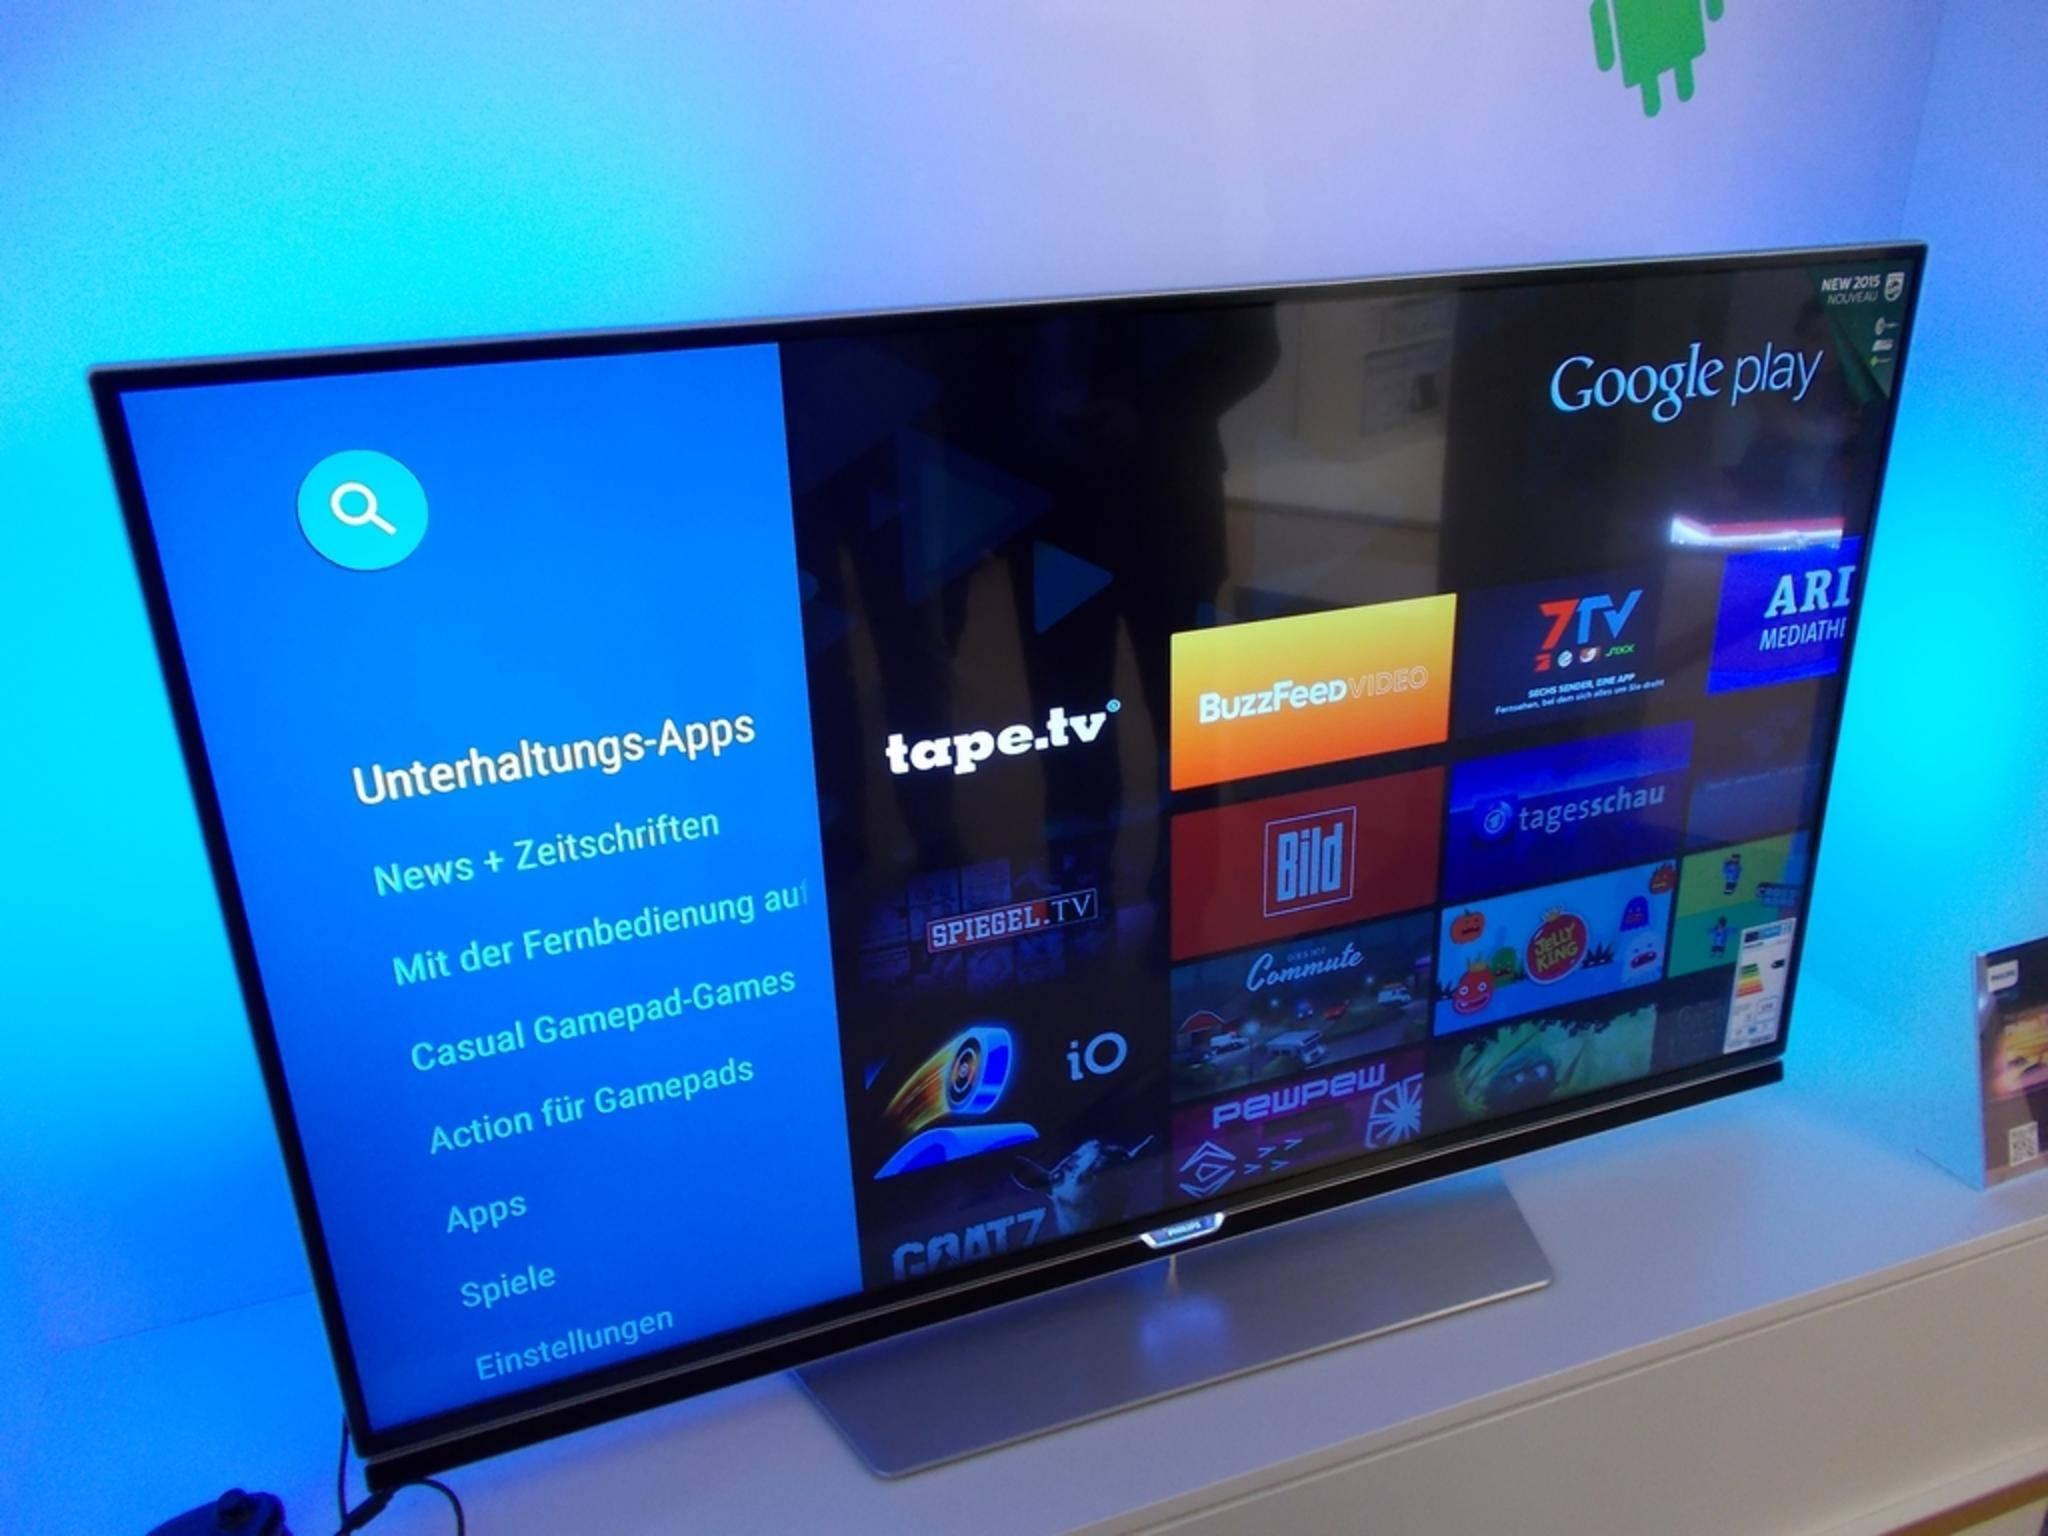 Demonstriert wurde unter anderem der Google Play Store auf dem TV.